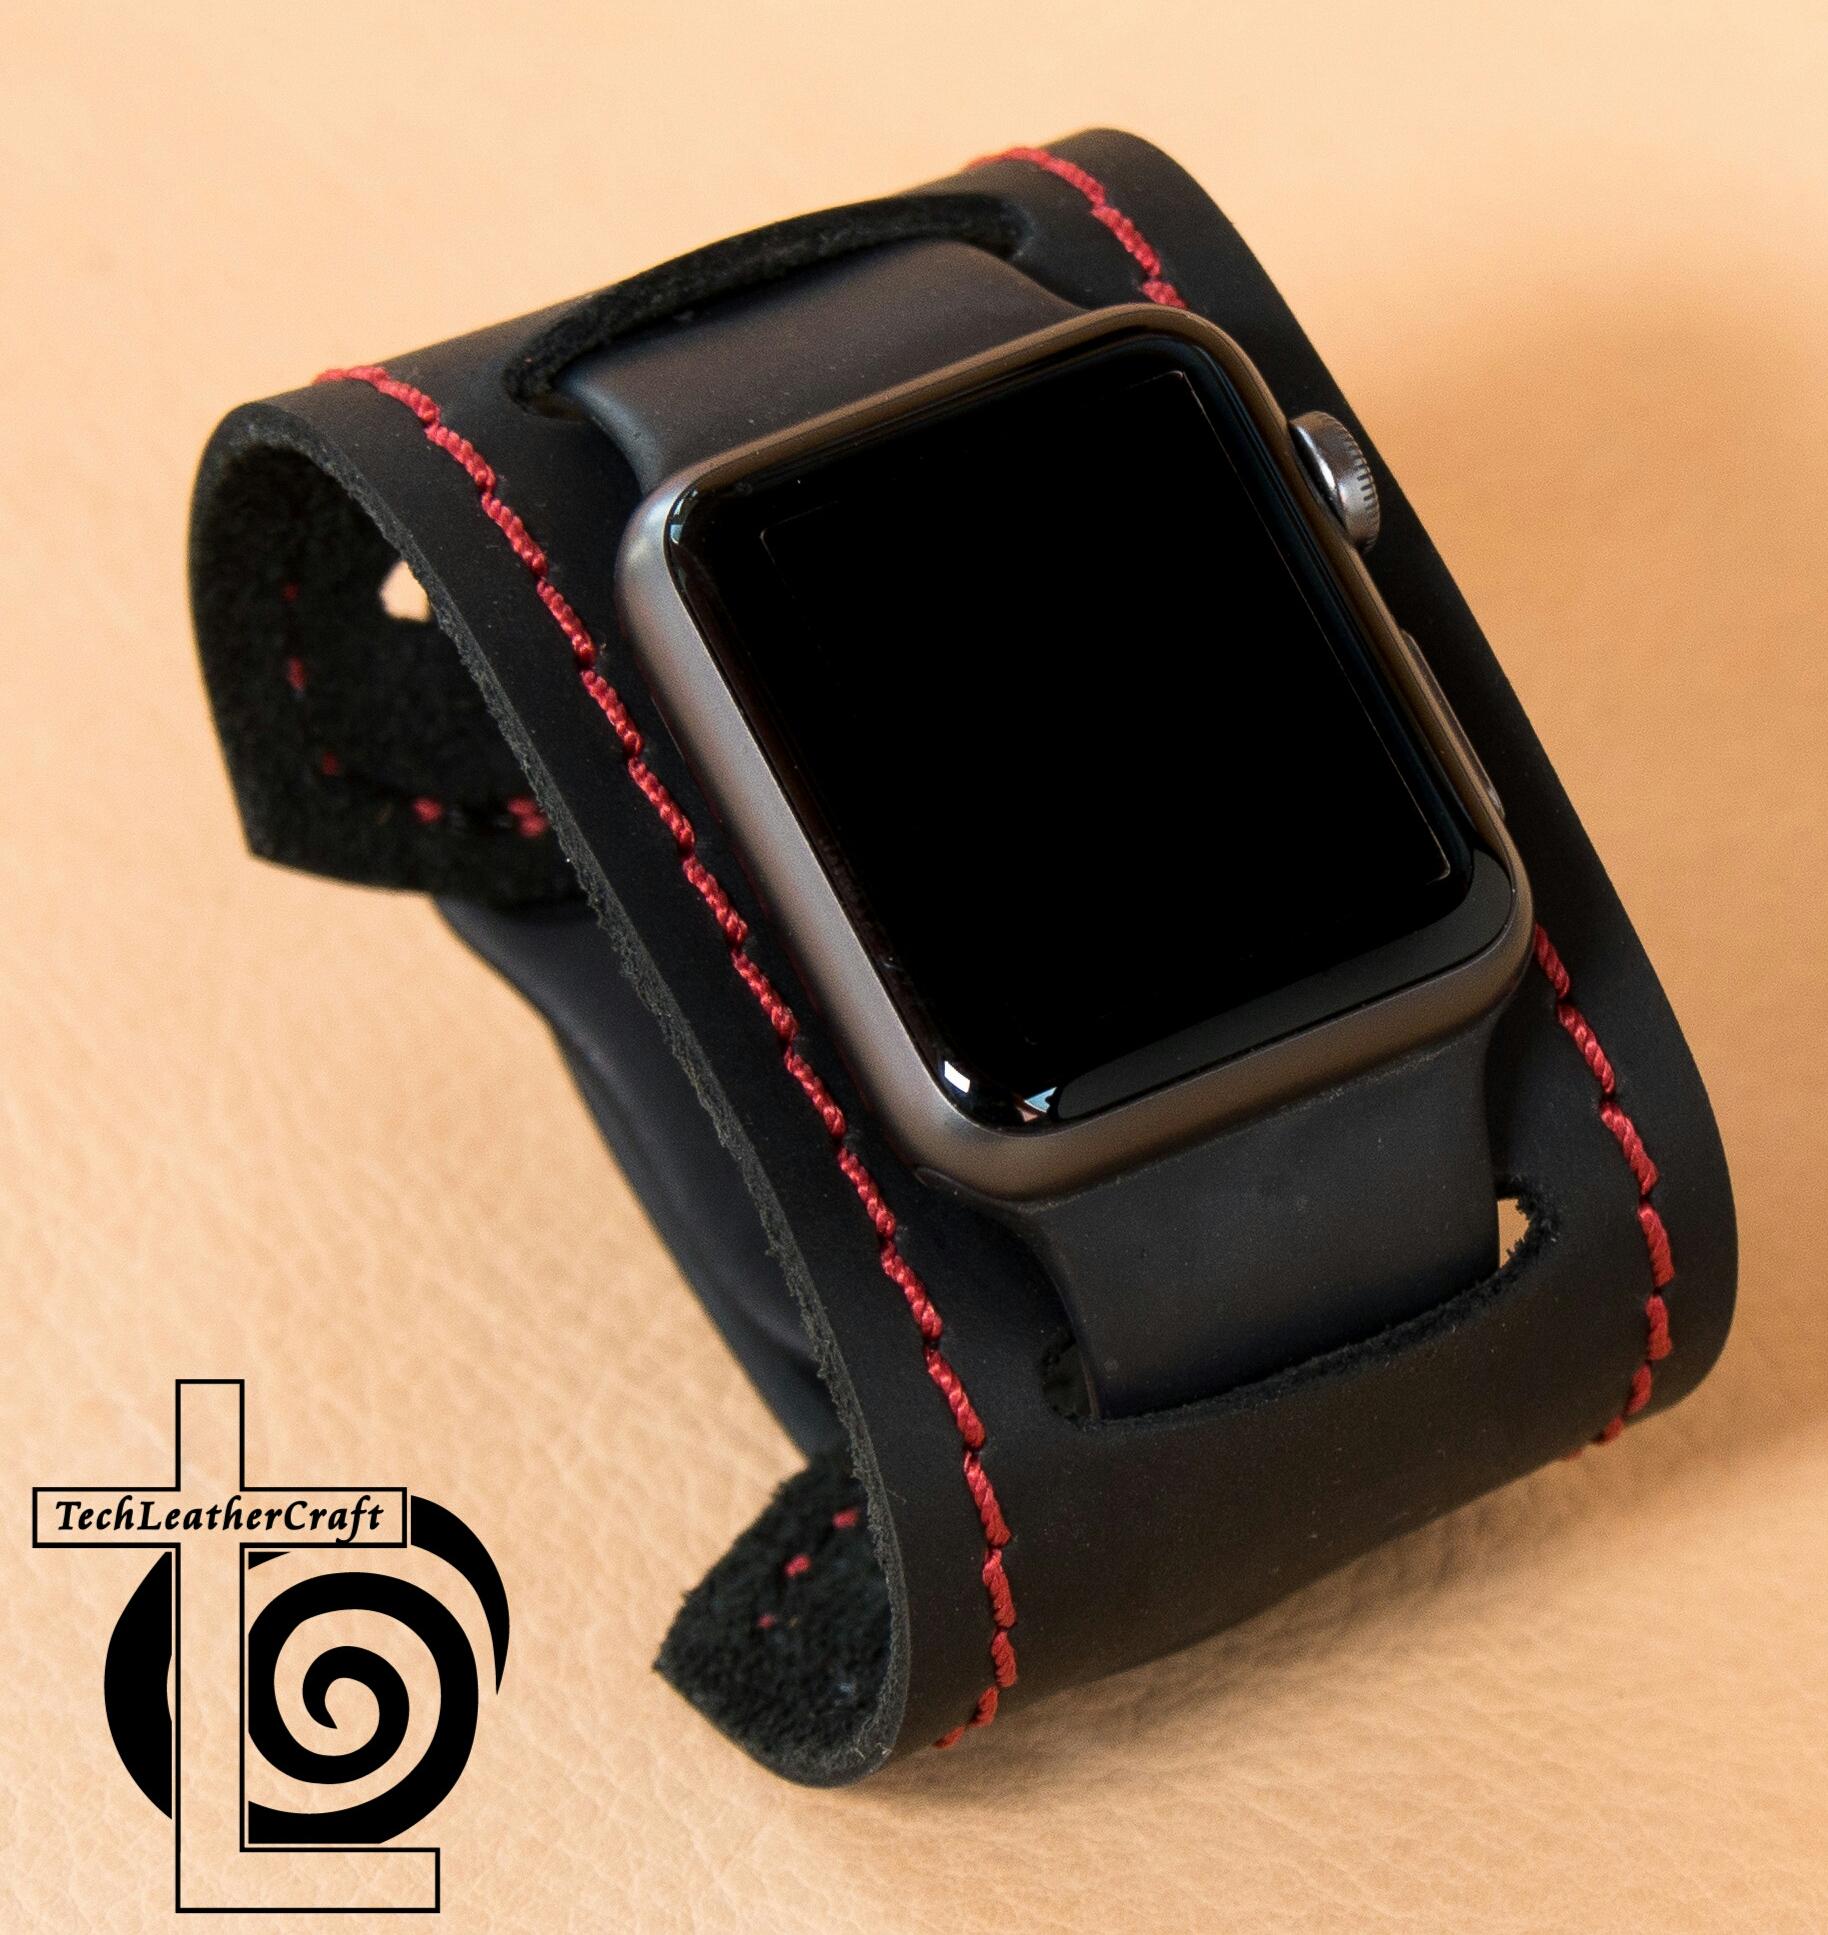 bcba33d19 Smooth Black Red Stitching Slip-On Smartwatch Cuff · Moto 360 Apple Watch  Samsung Gear S2 LG Watch R Urbane Leather ...